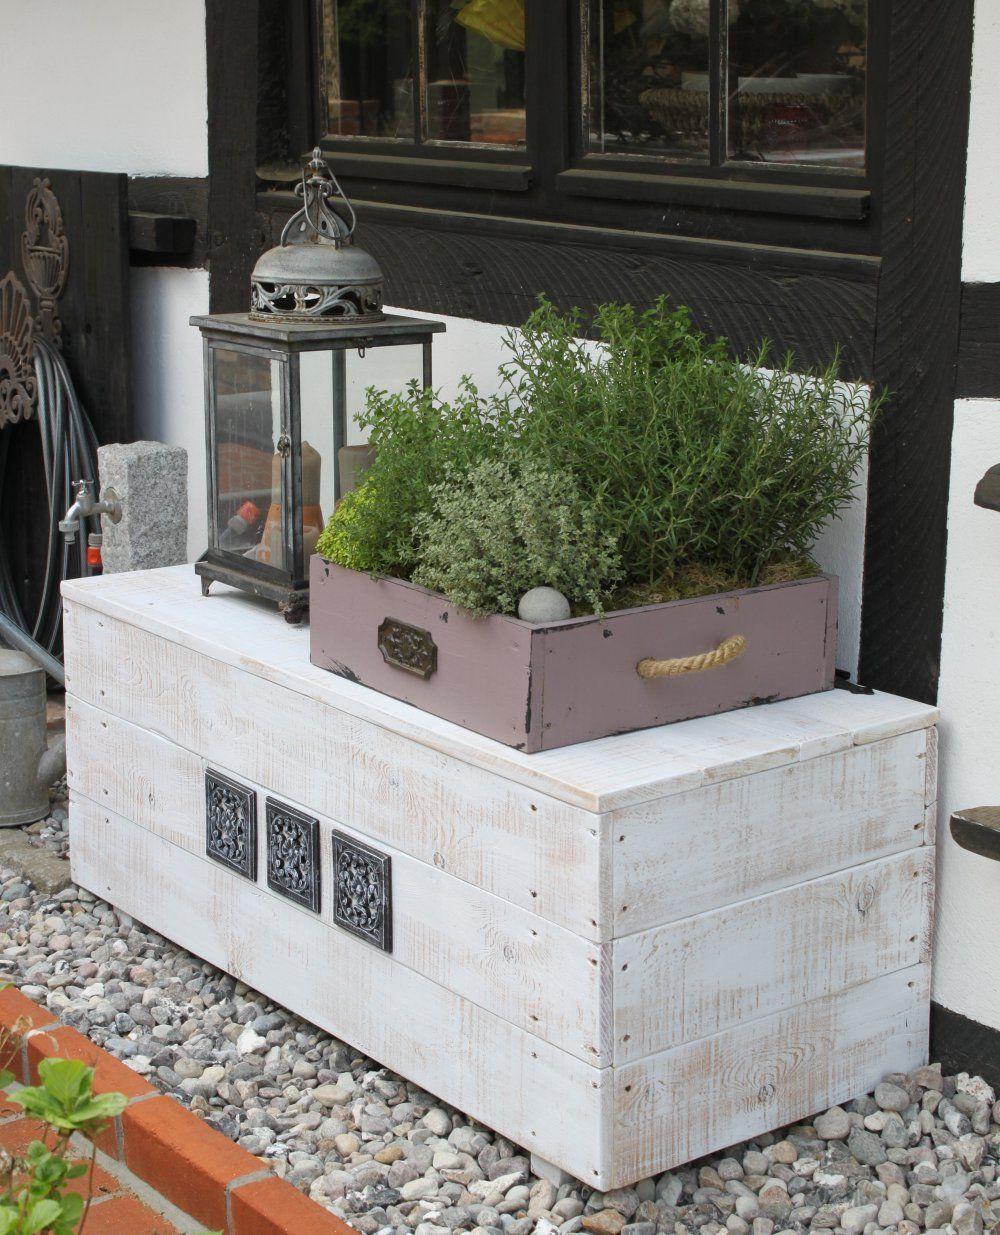 Sitztruhe Garten: Balkon Truhe Zum Sitzen